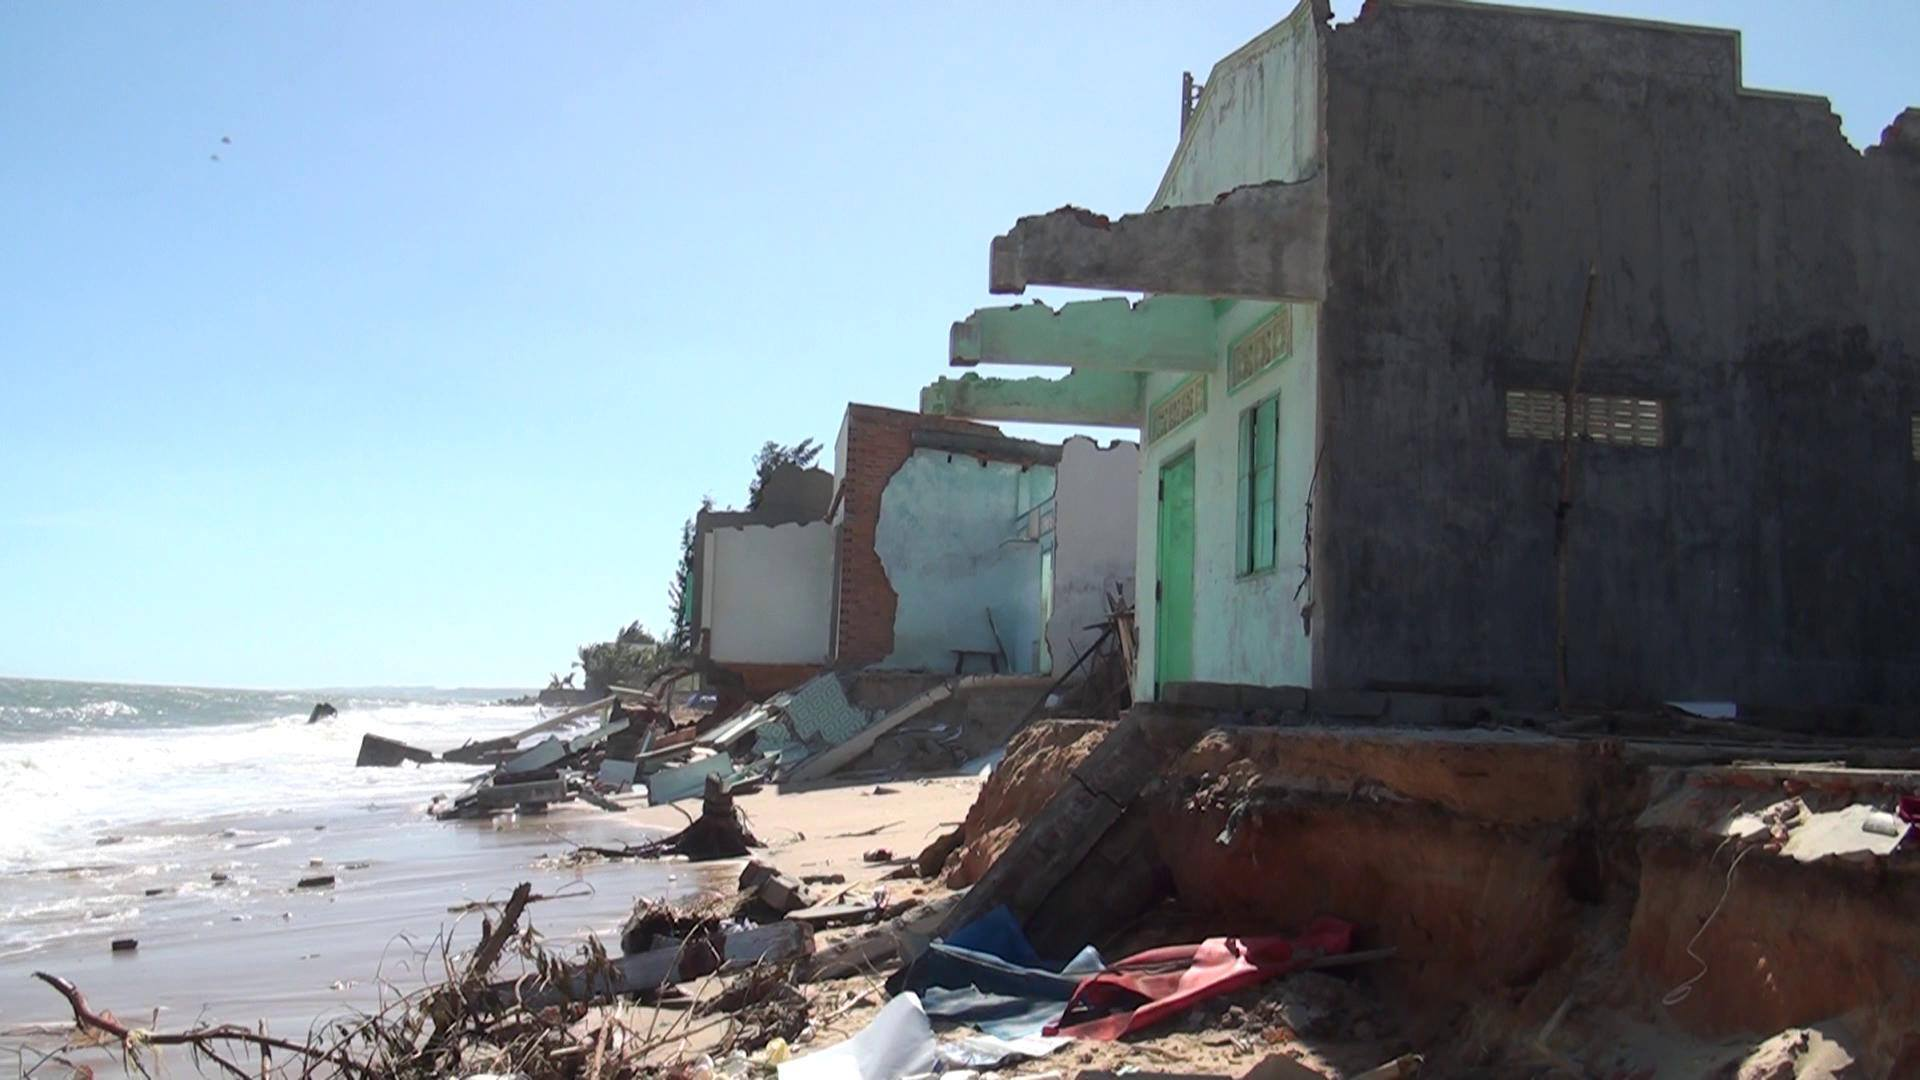 biển nuốt nhà, ở tạm, Bình Thuận, ngư dân, thiên tai